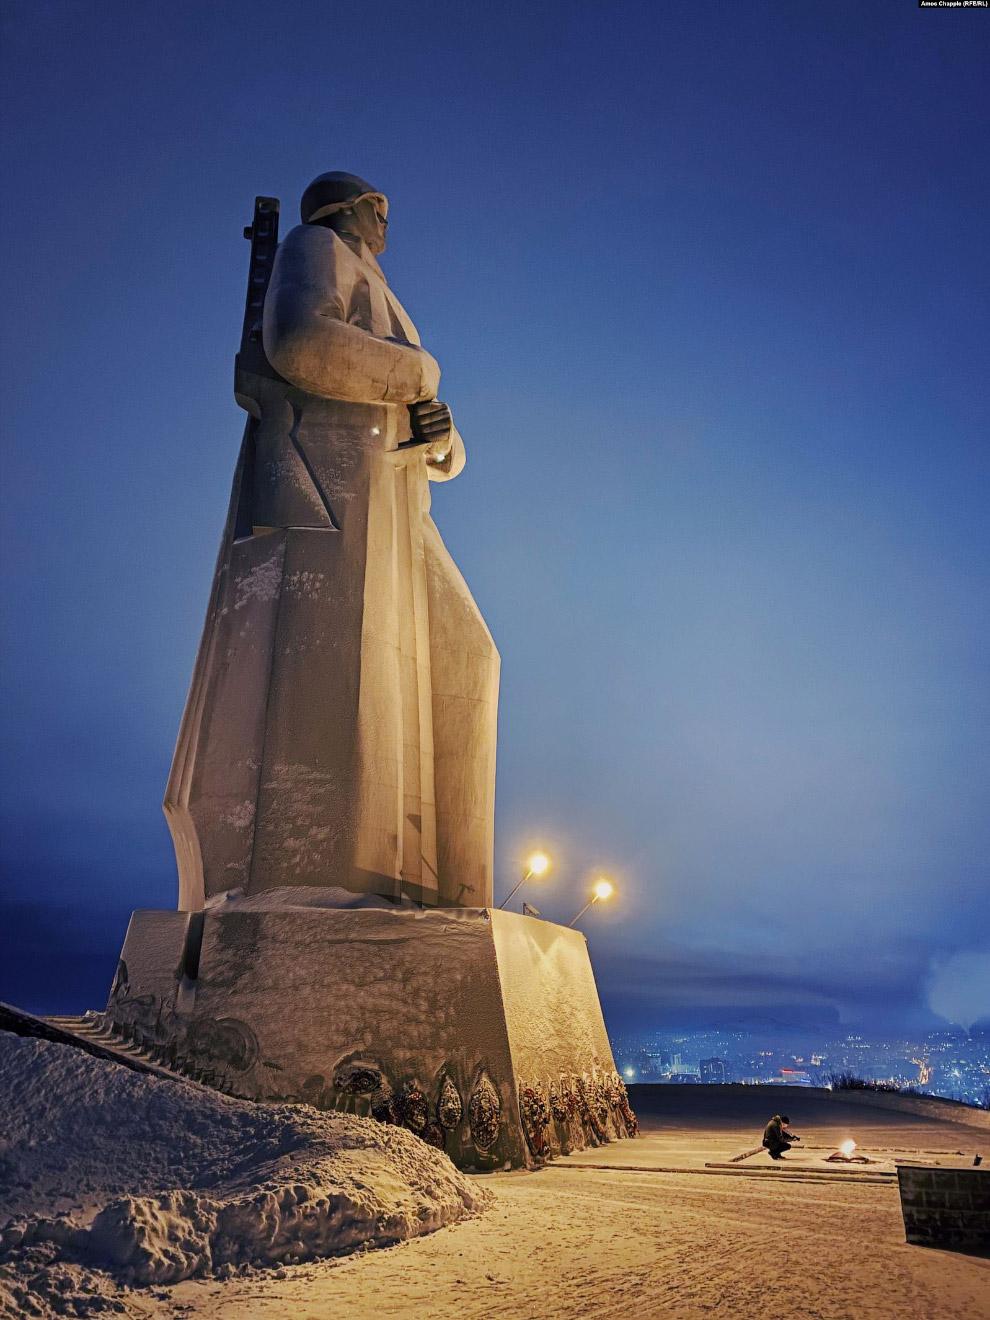 Памятник защитникам Советского Заполярья, известный как «Алеша».